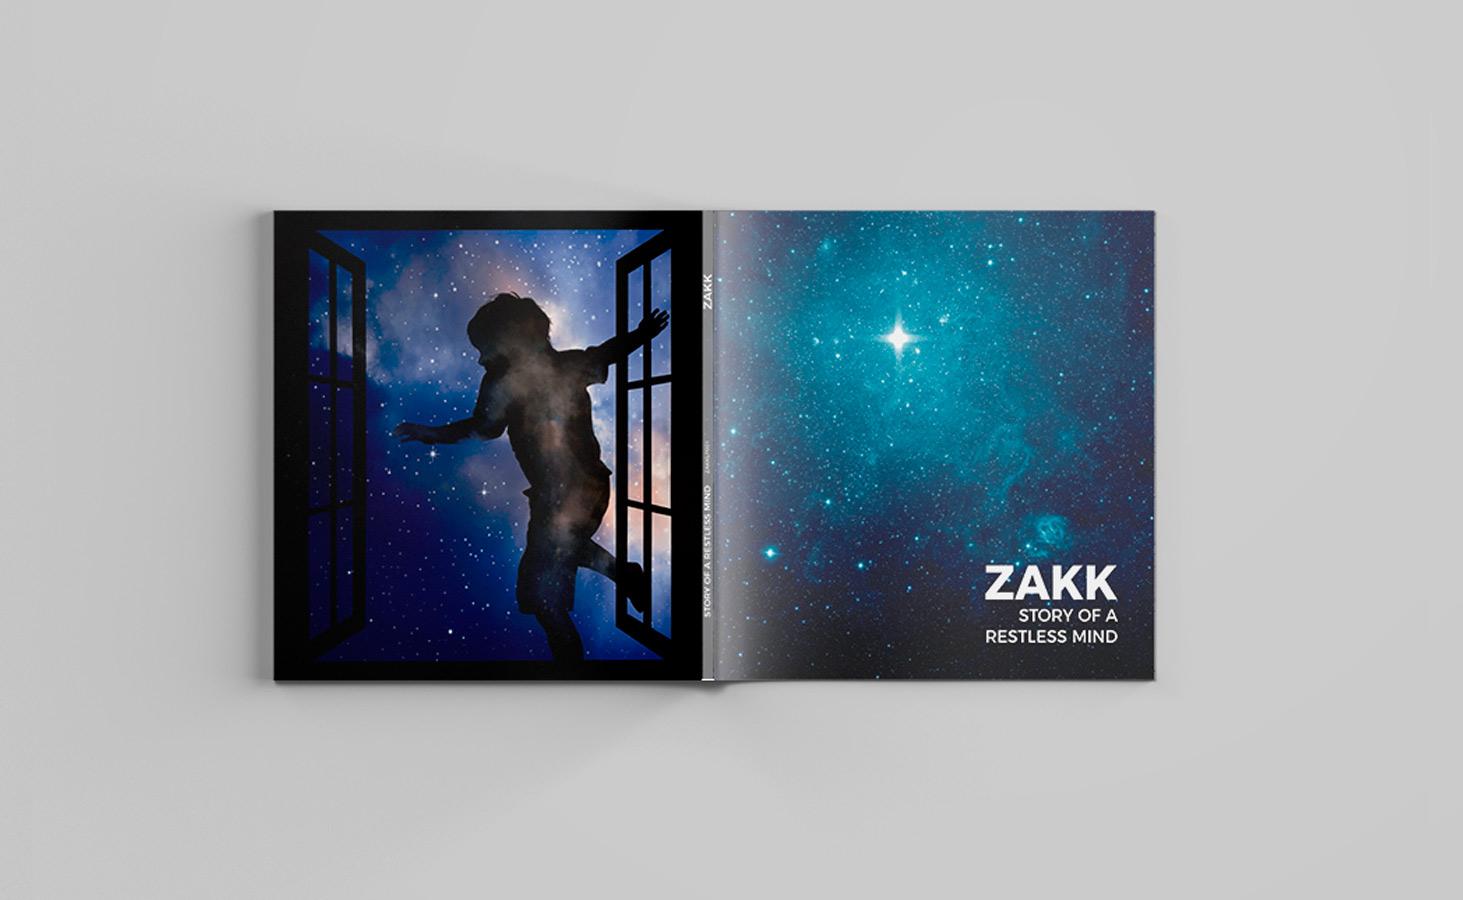 Zakk_CD_017